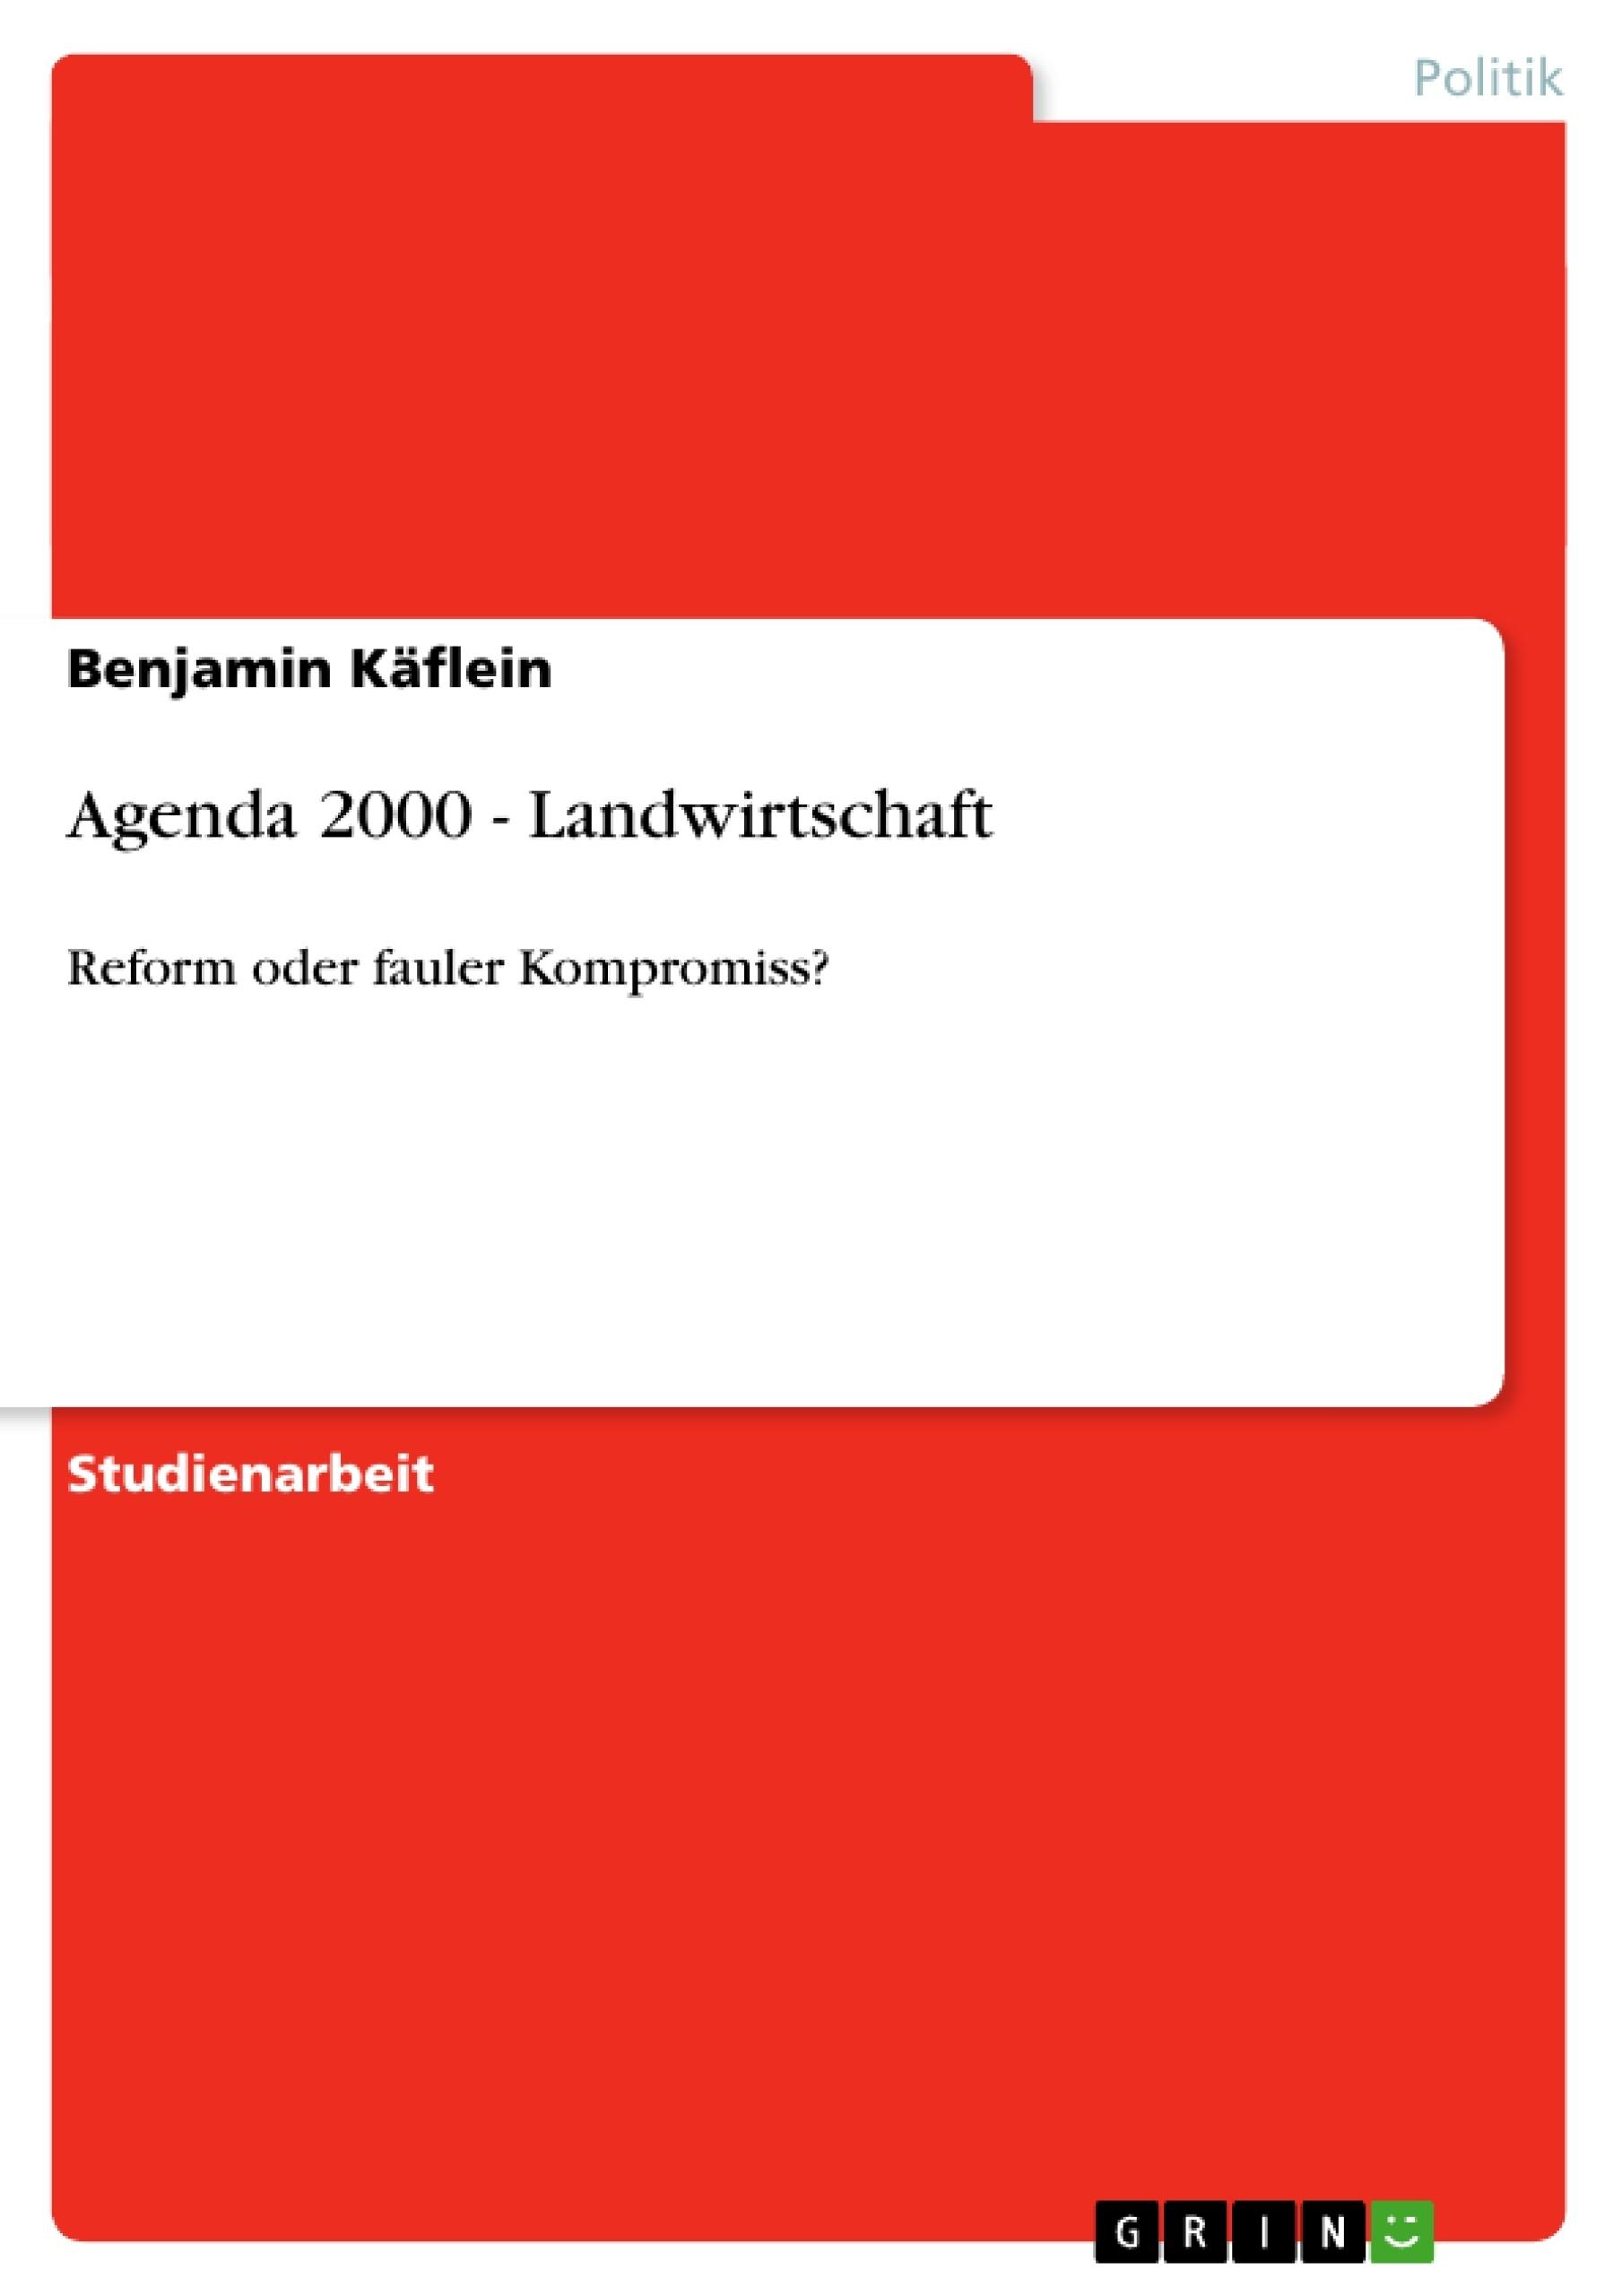 Titel: Agenda 2000 - Landwirtschaft